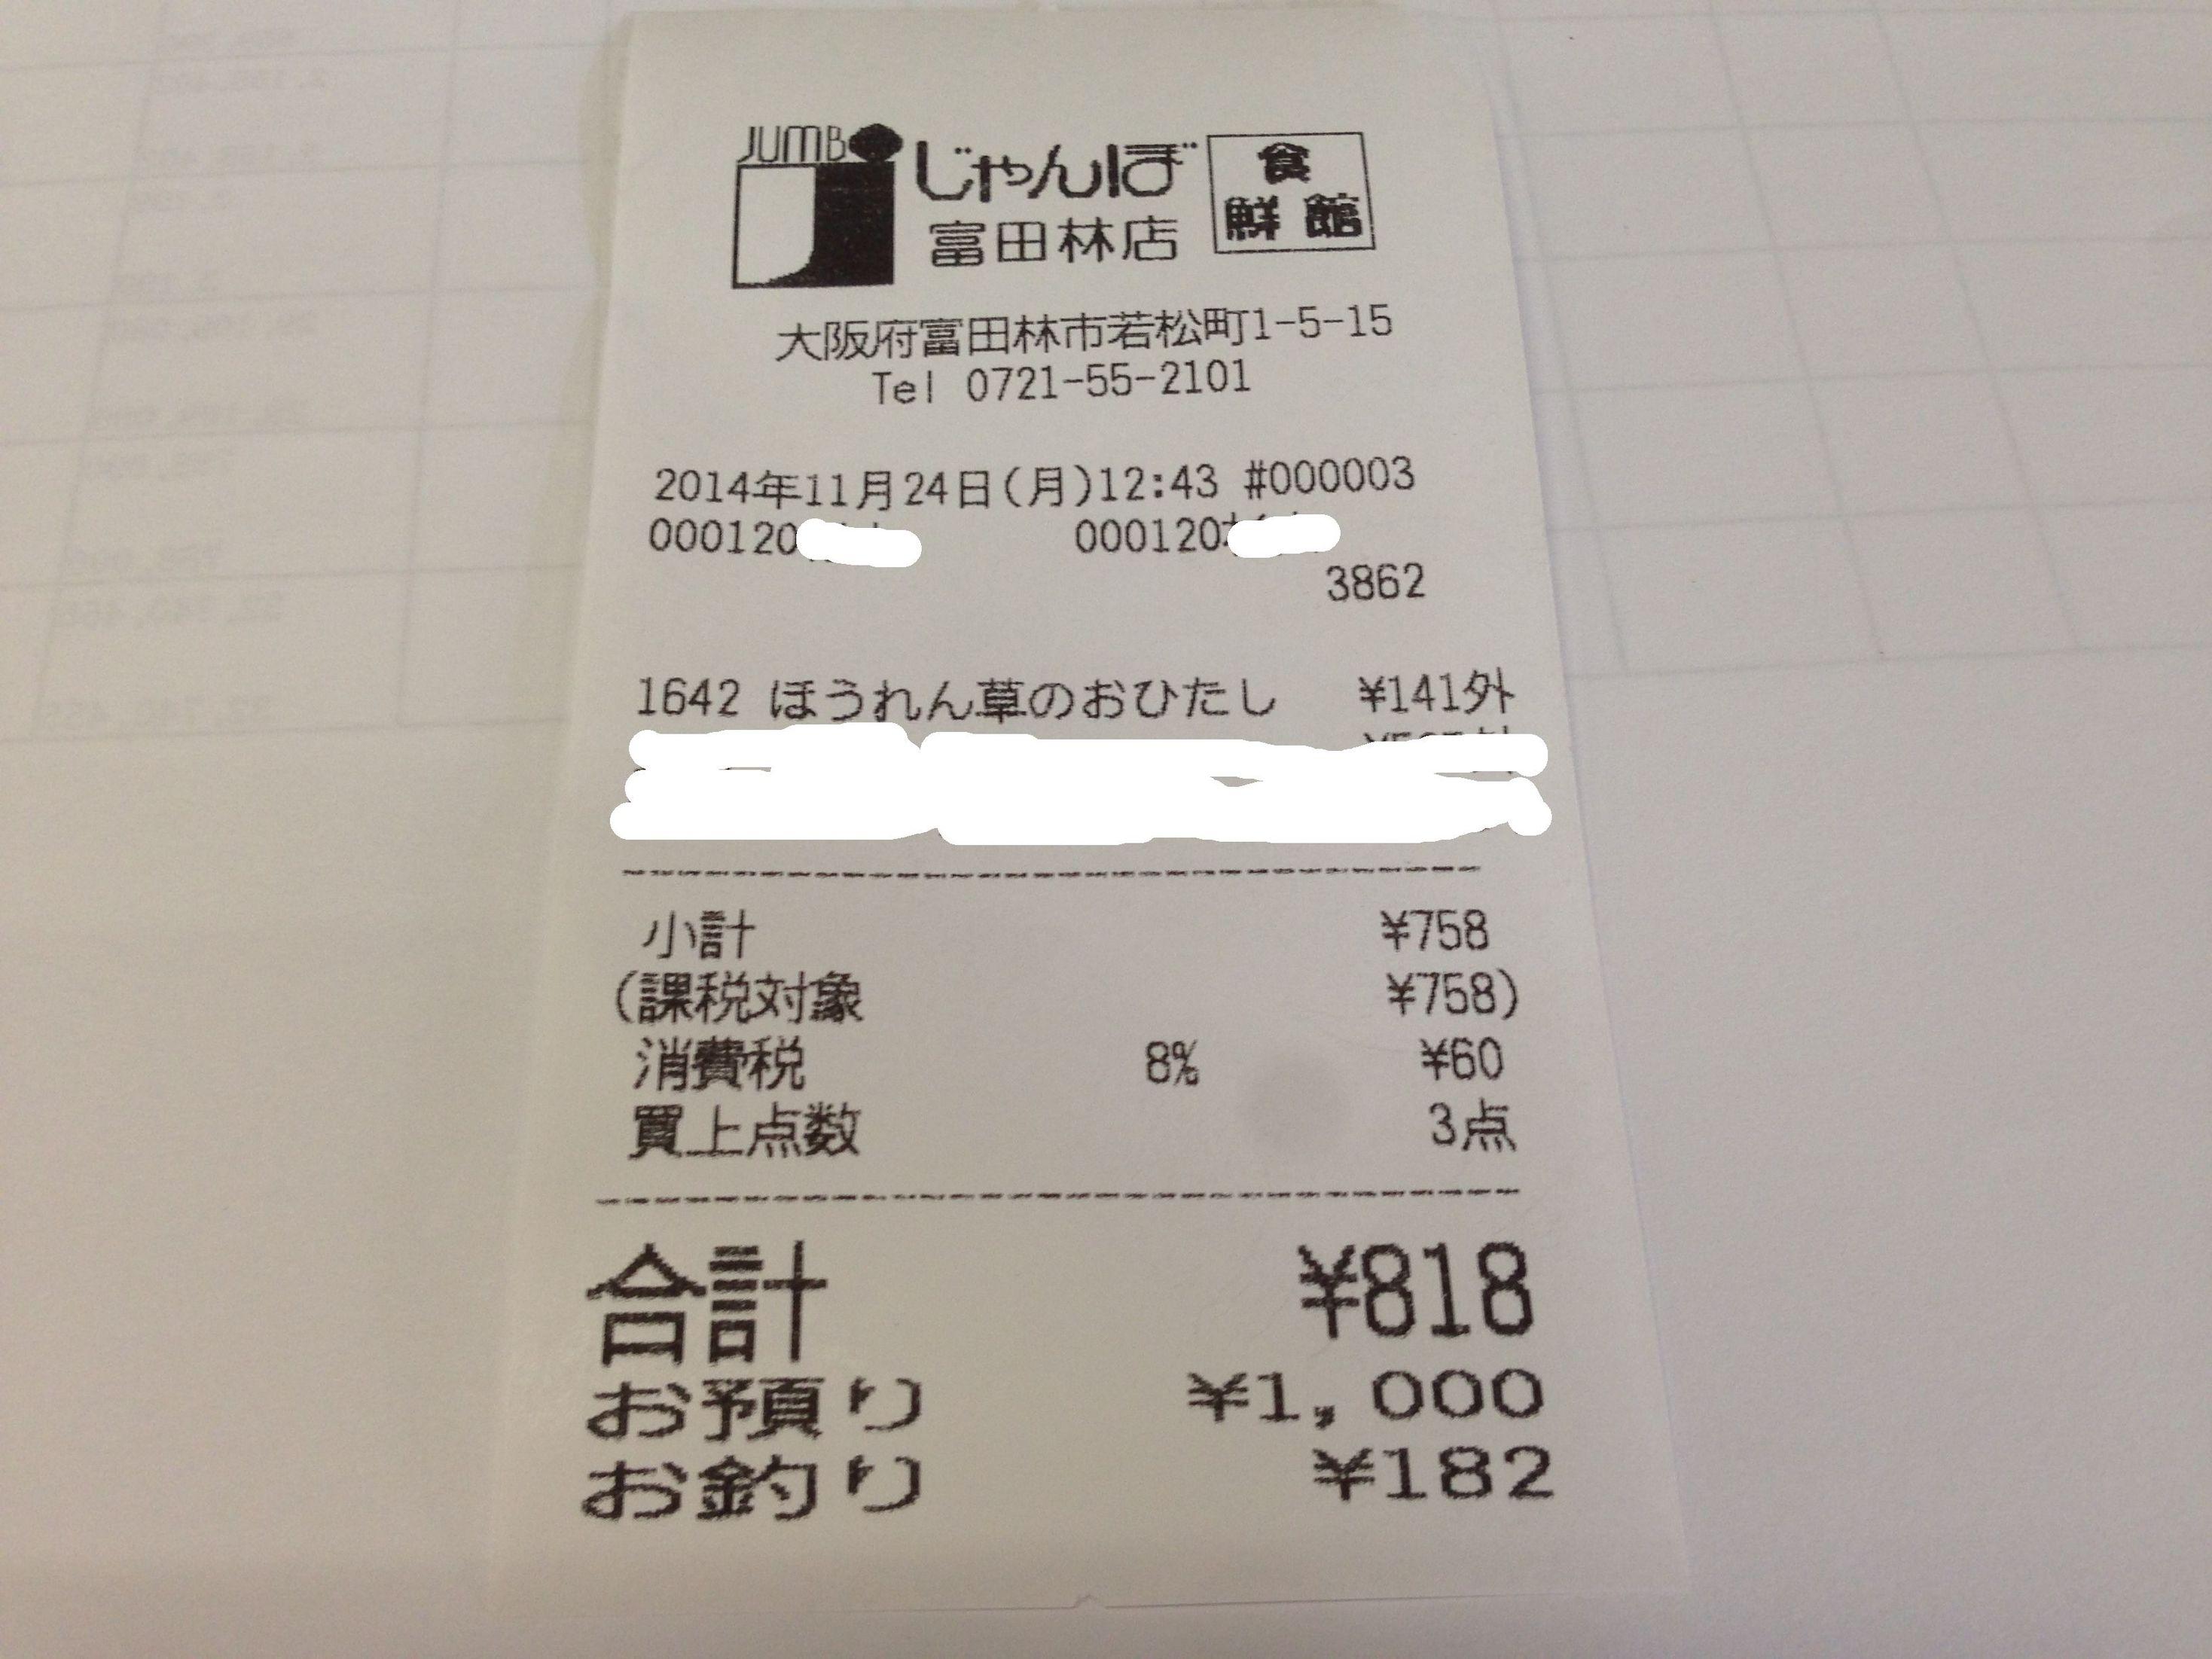 じゃんぼ食鮮館 富田林店